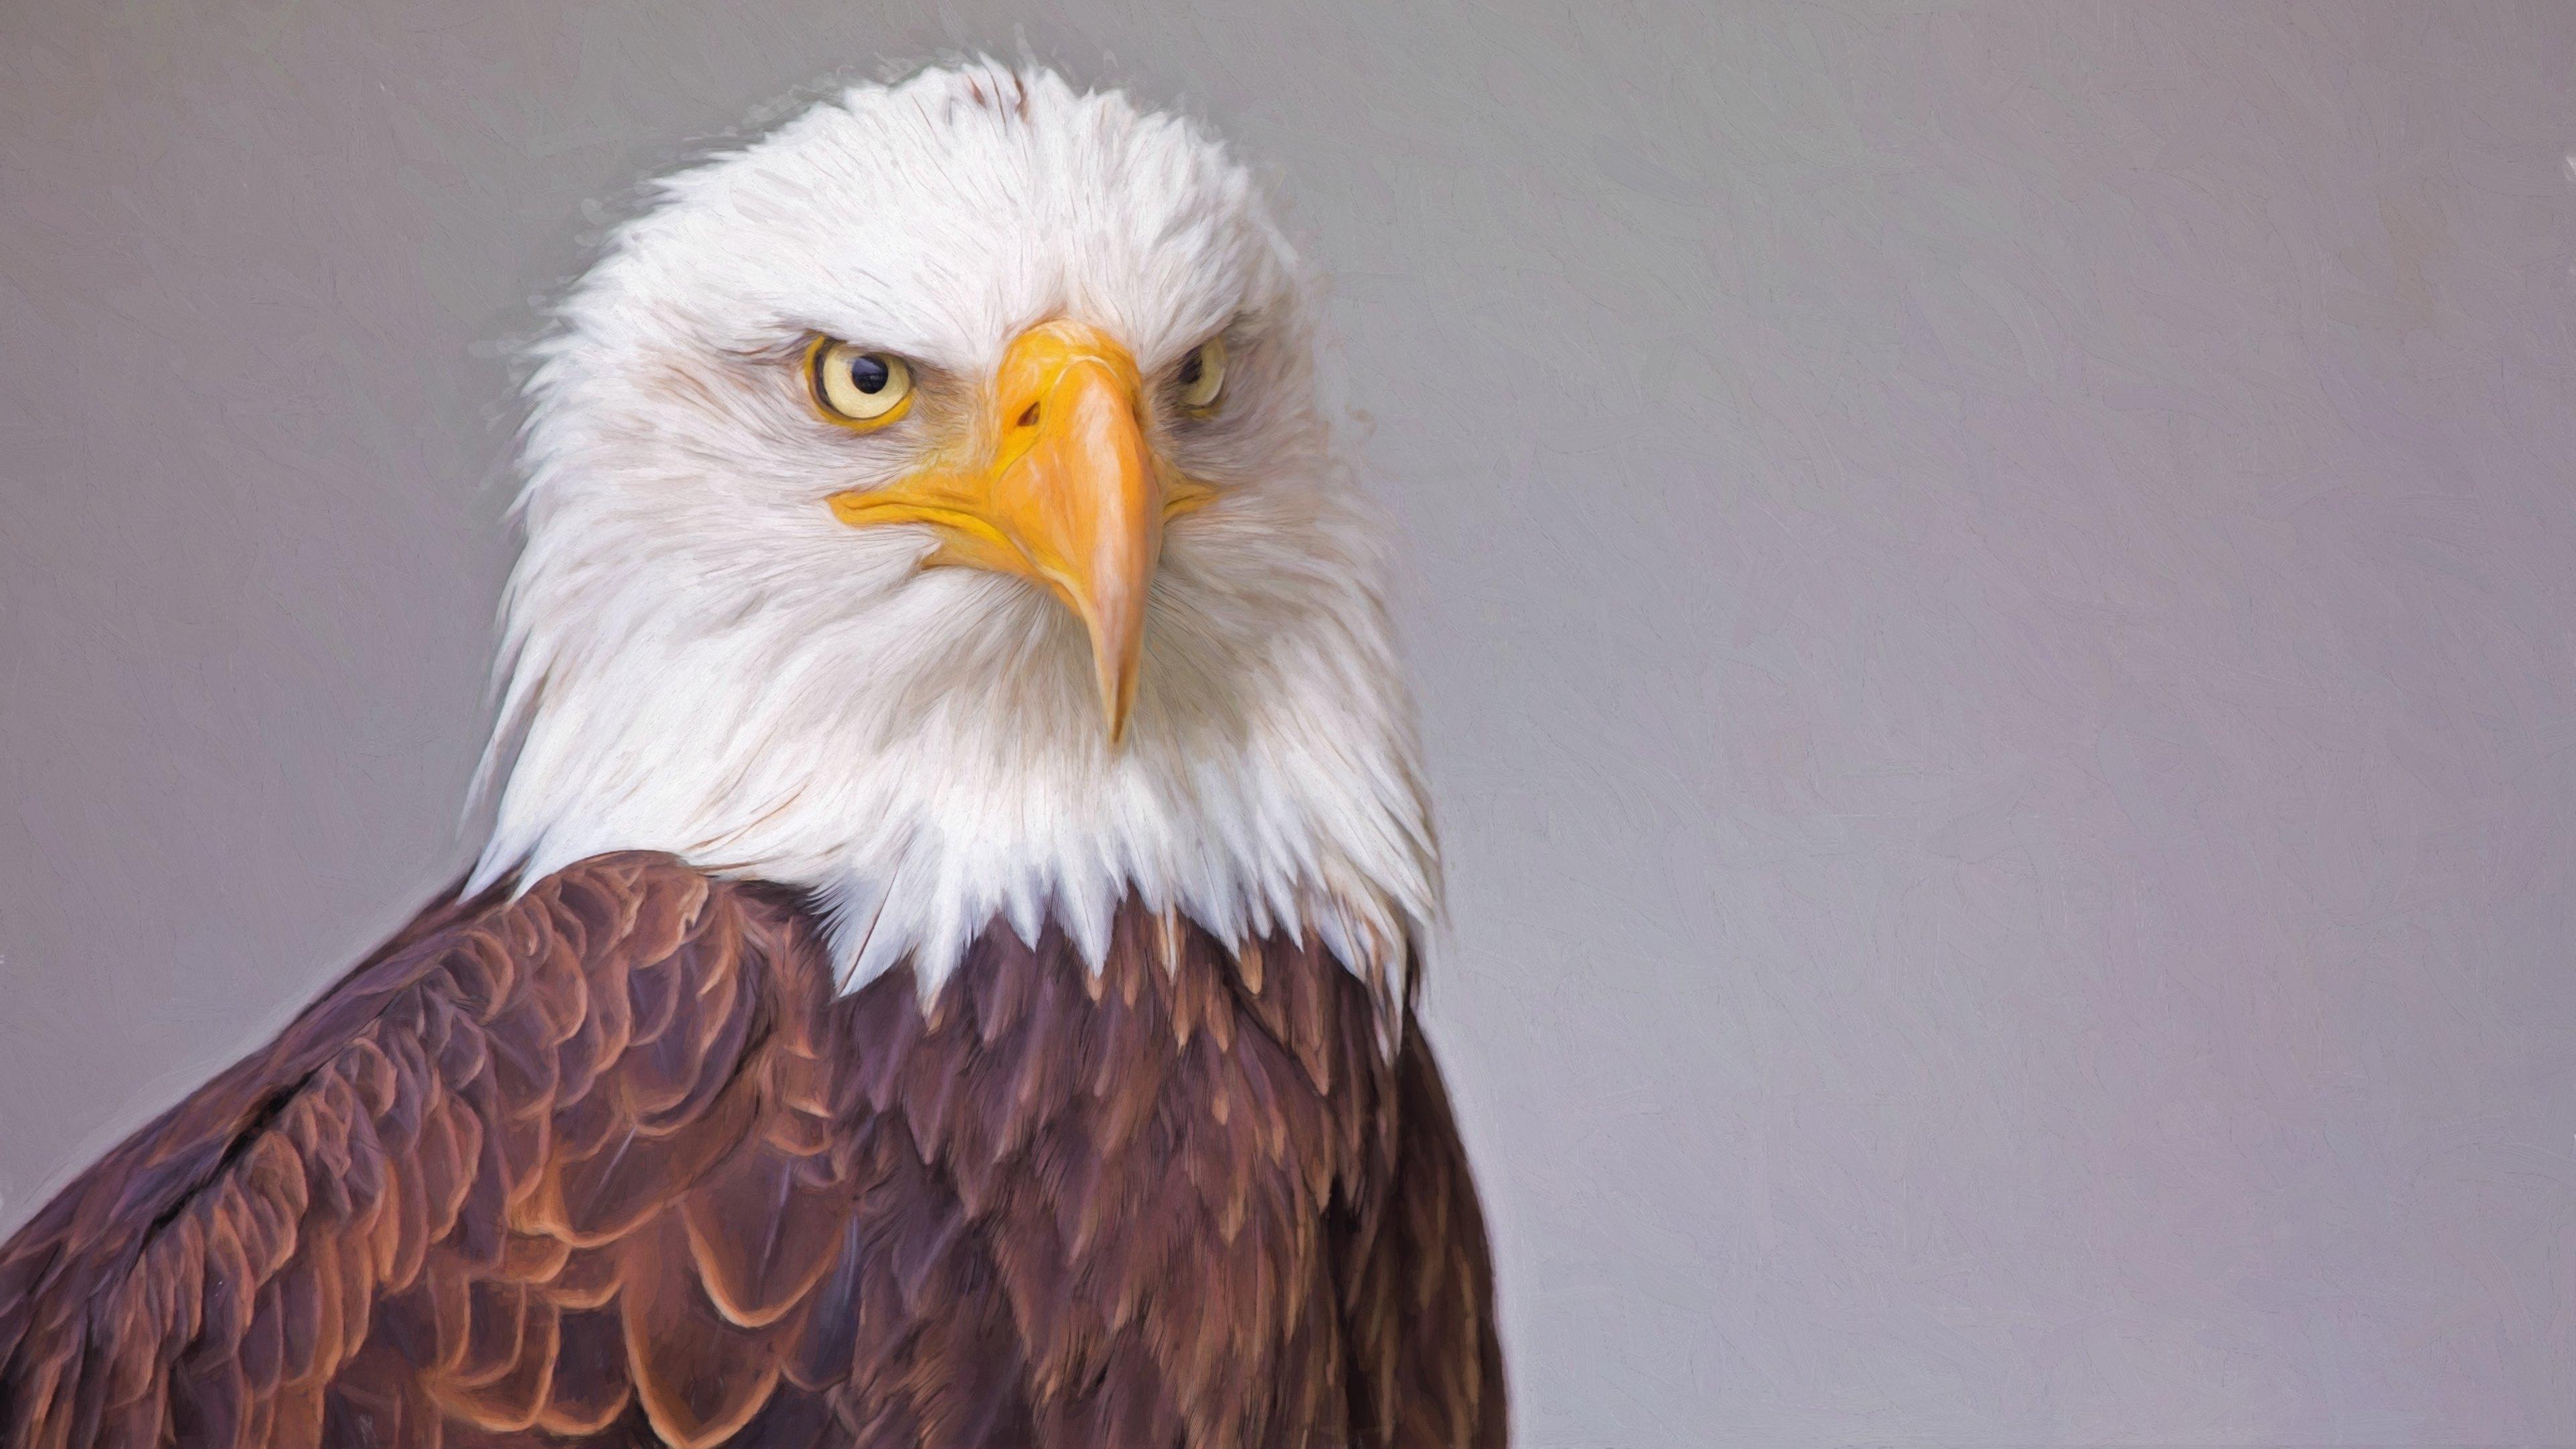 Bald Eagle 4k Ultra HD Wallpaper | Background Image ...